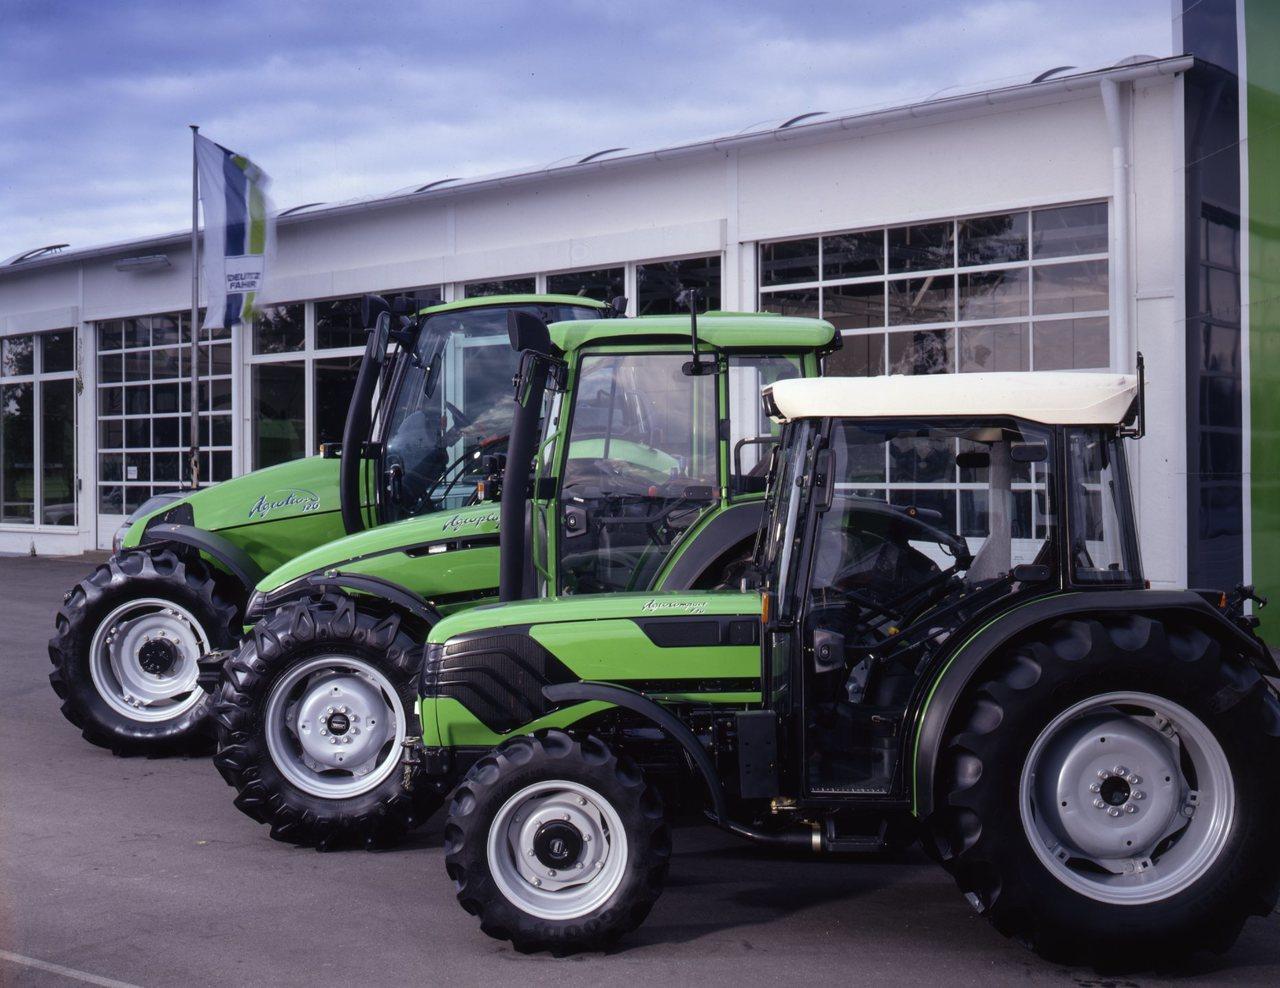 [Deutz-Fahr] trattori Agrotron 120, Agroplus e Agrocompact 70 F